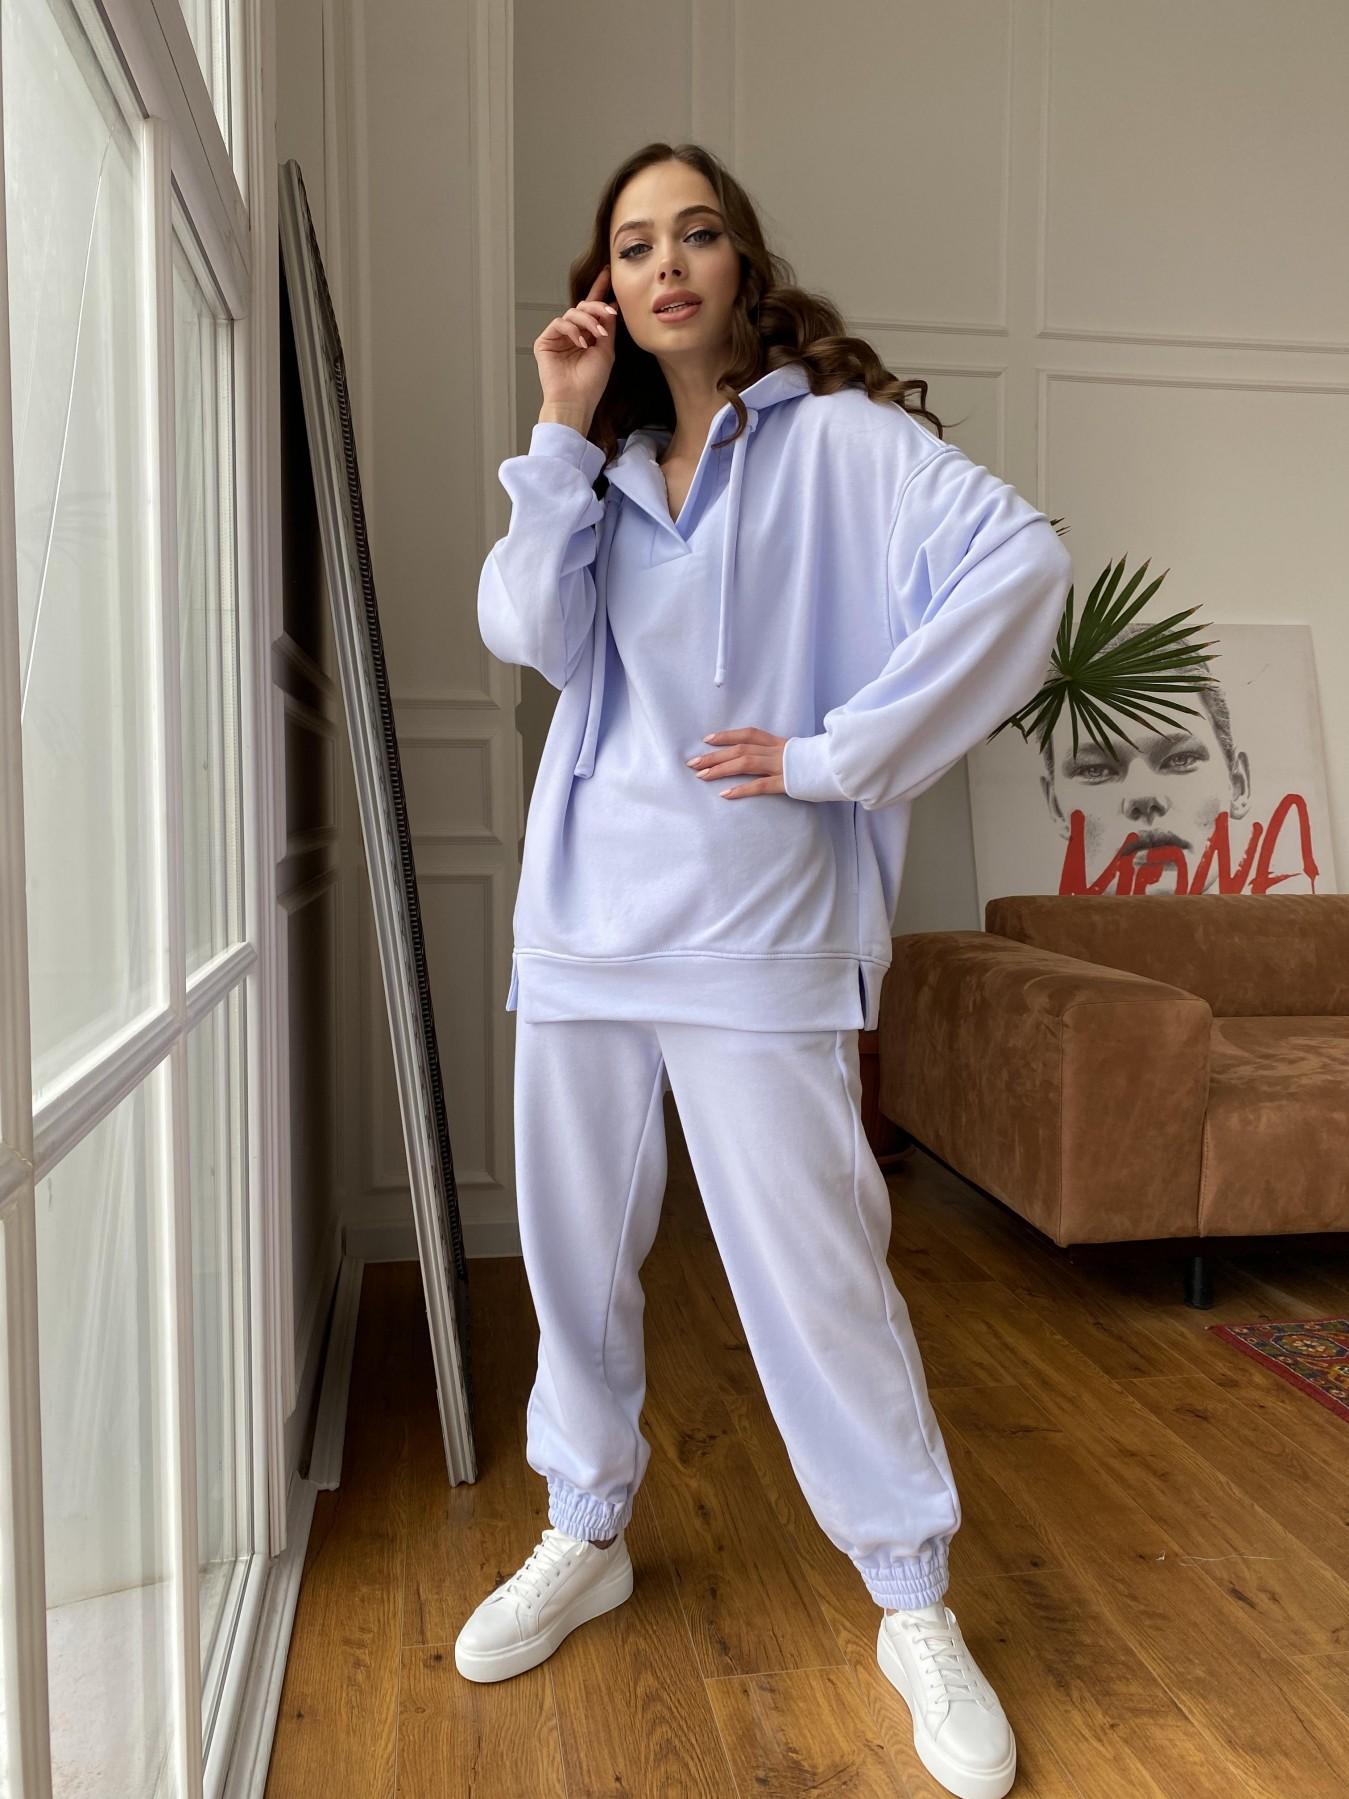 Ярис костюм из 3х нитки 10789 АРТ. 47636 Цвет: Голубой Светлый - фото 3, интернет магазин tm-modus.ru